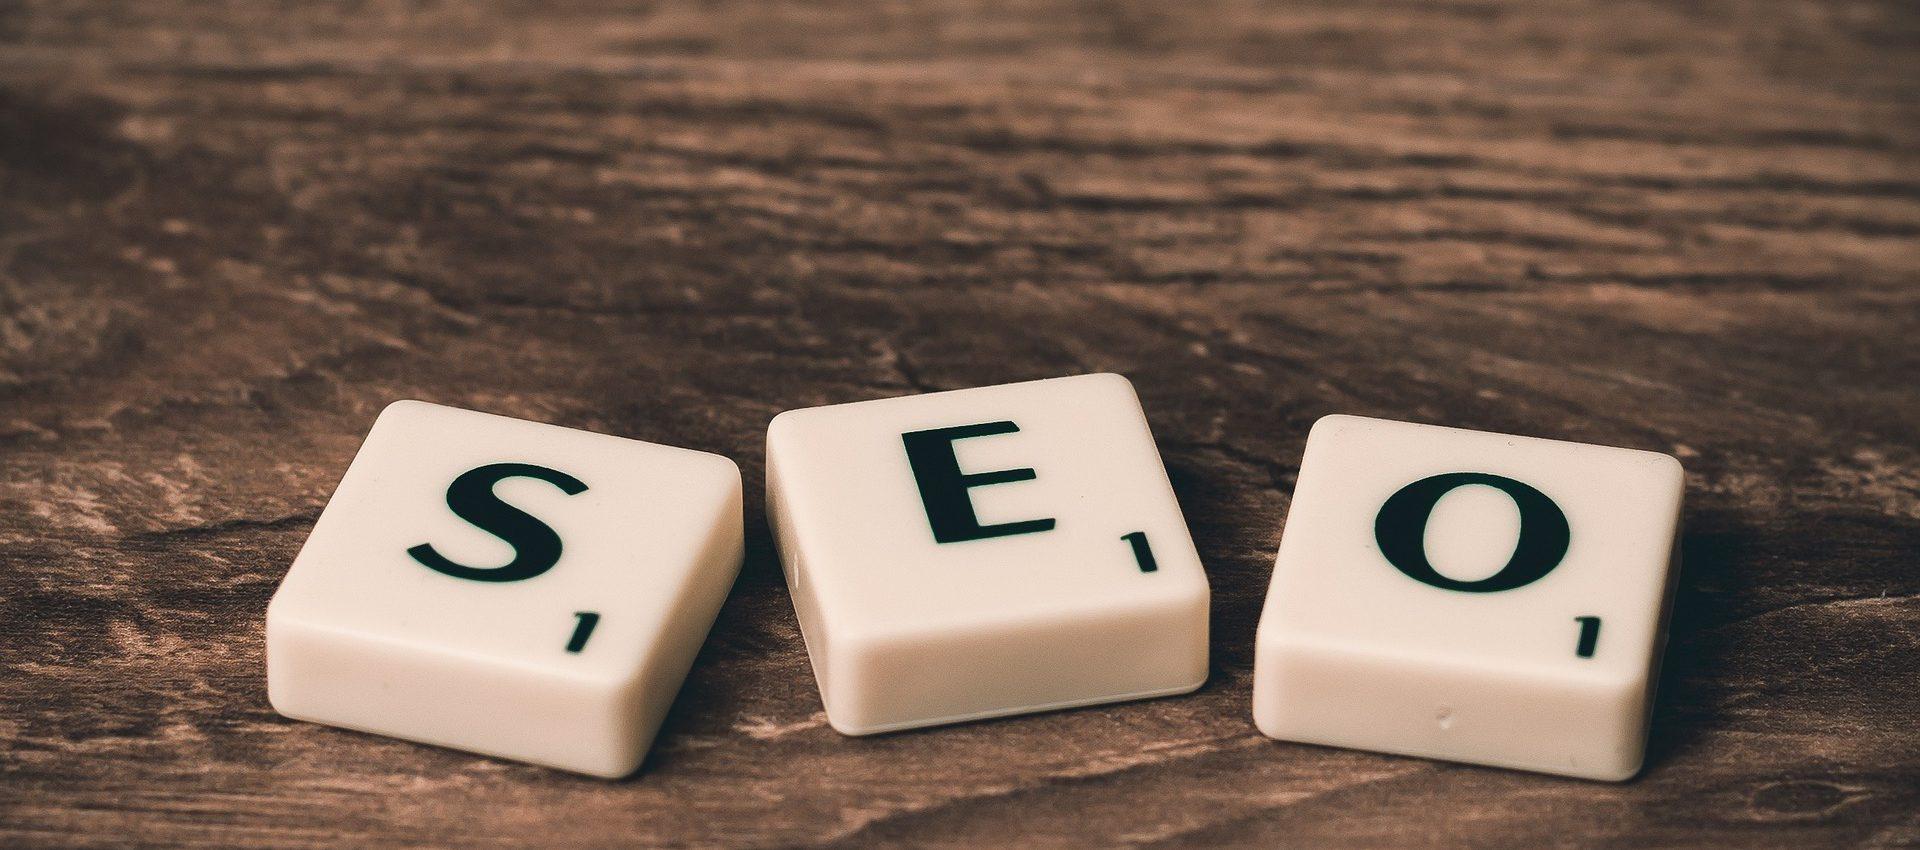 Afbeelding voor 3 SEO-wetten voor online vindbaarheid